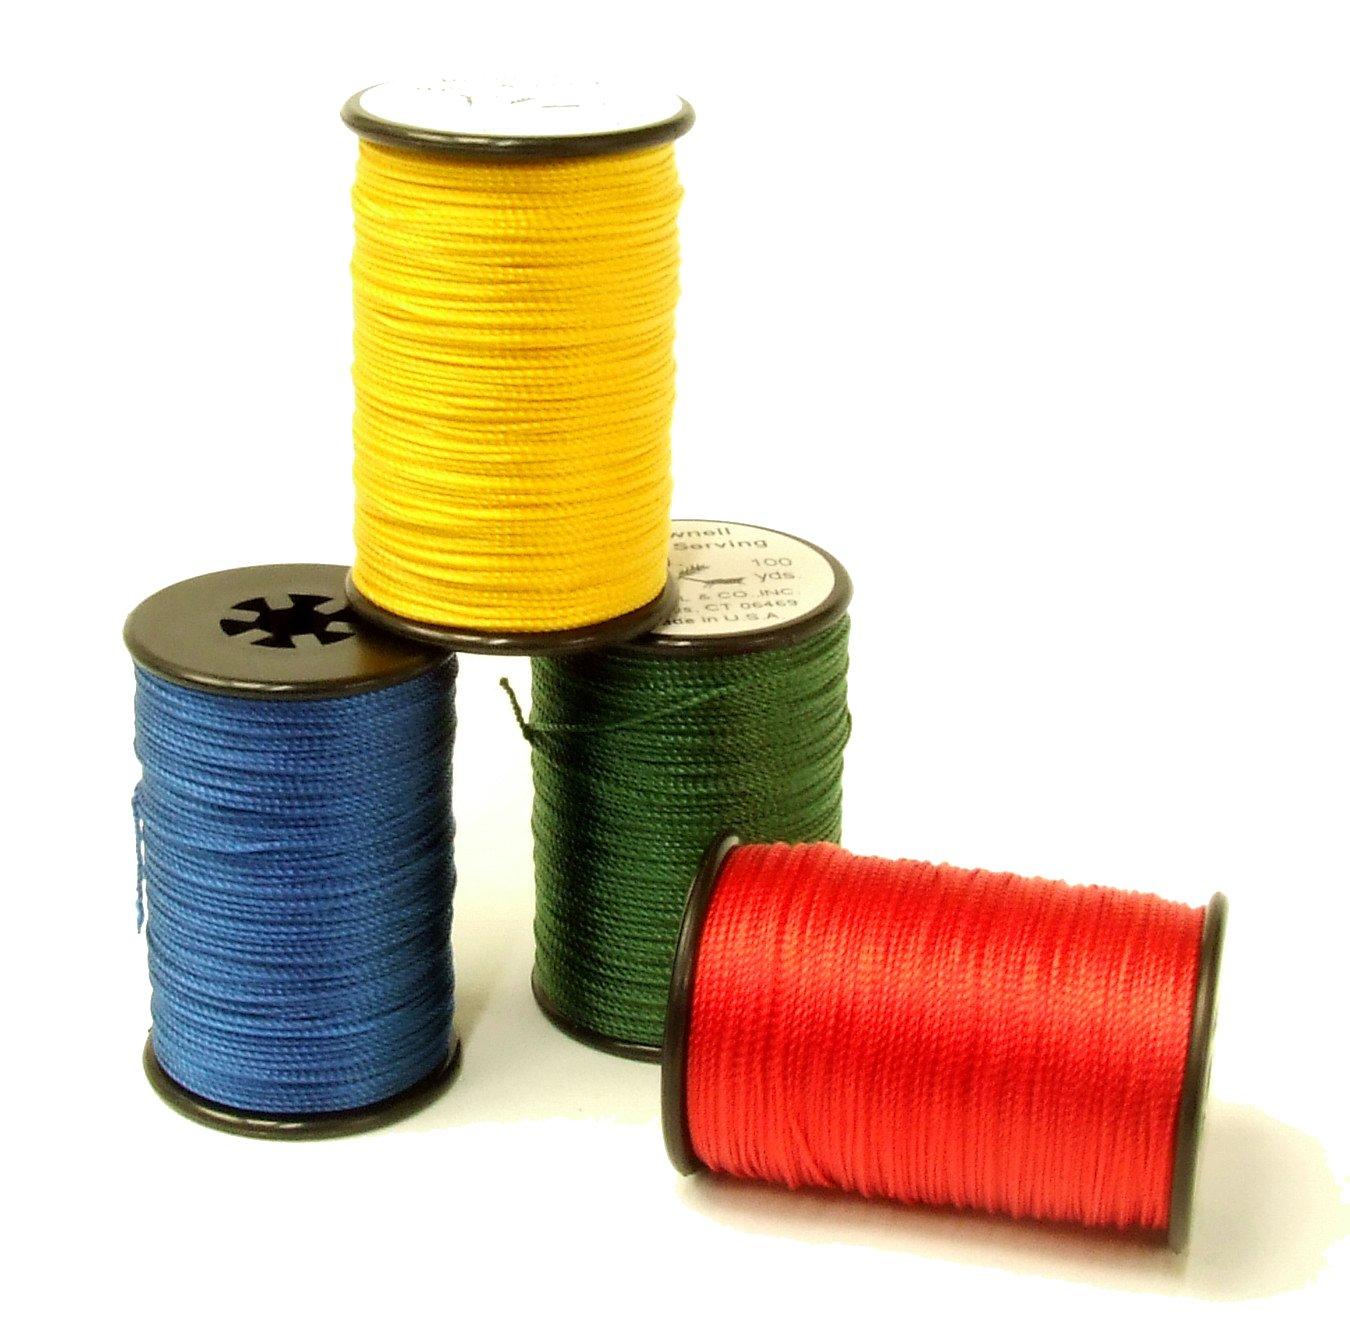 Tir à l'arc multi filament en nylon Browning 100 Yards # 4 Twisted extrémité servant à cordes 101317